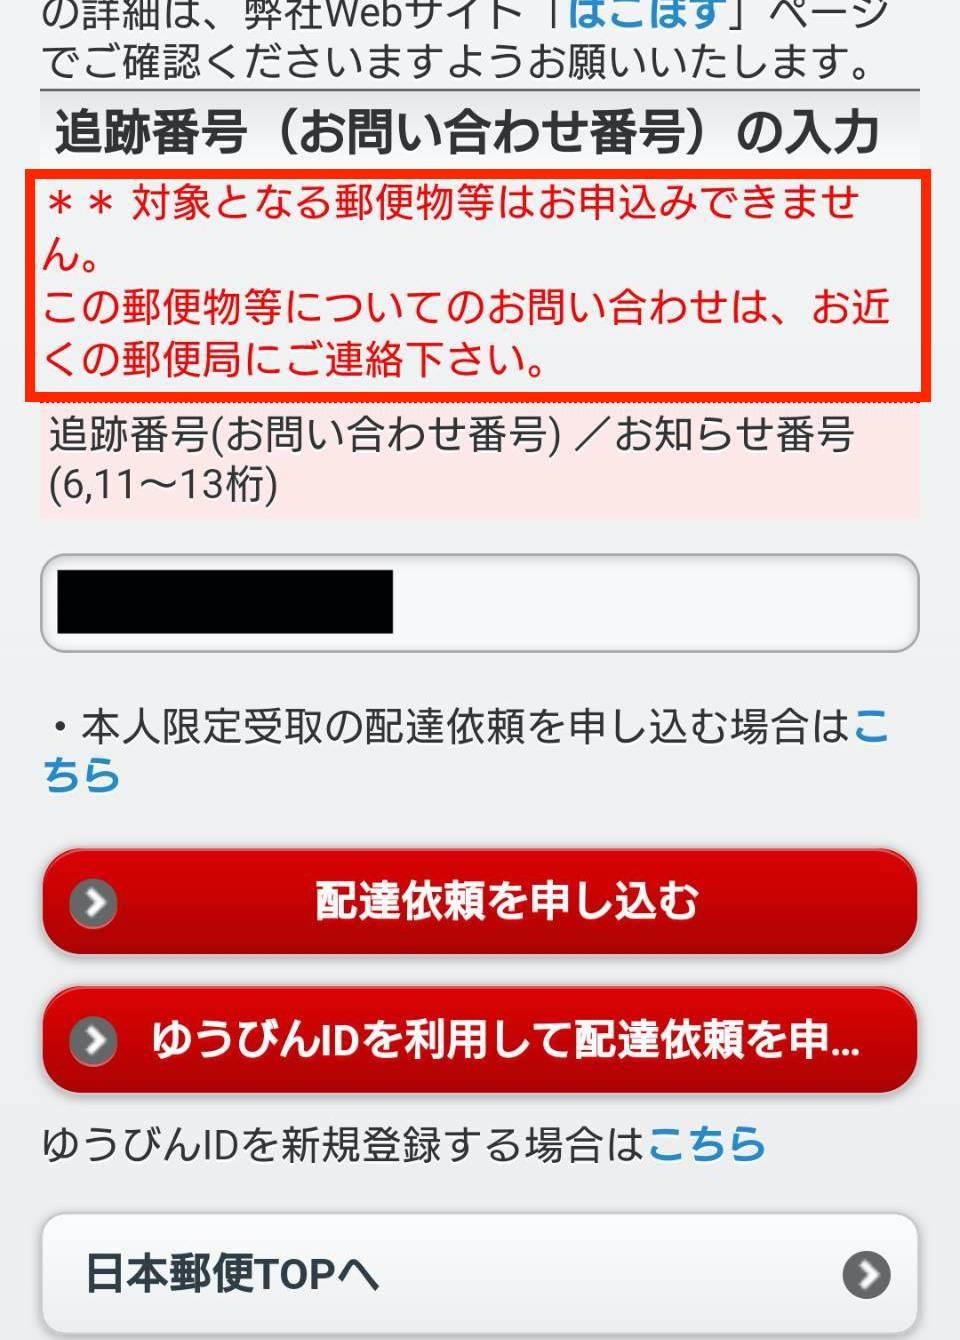 郵便 局 国際 郵便 問い合わせ